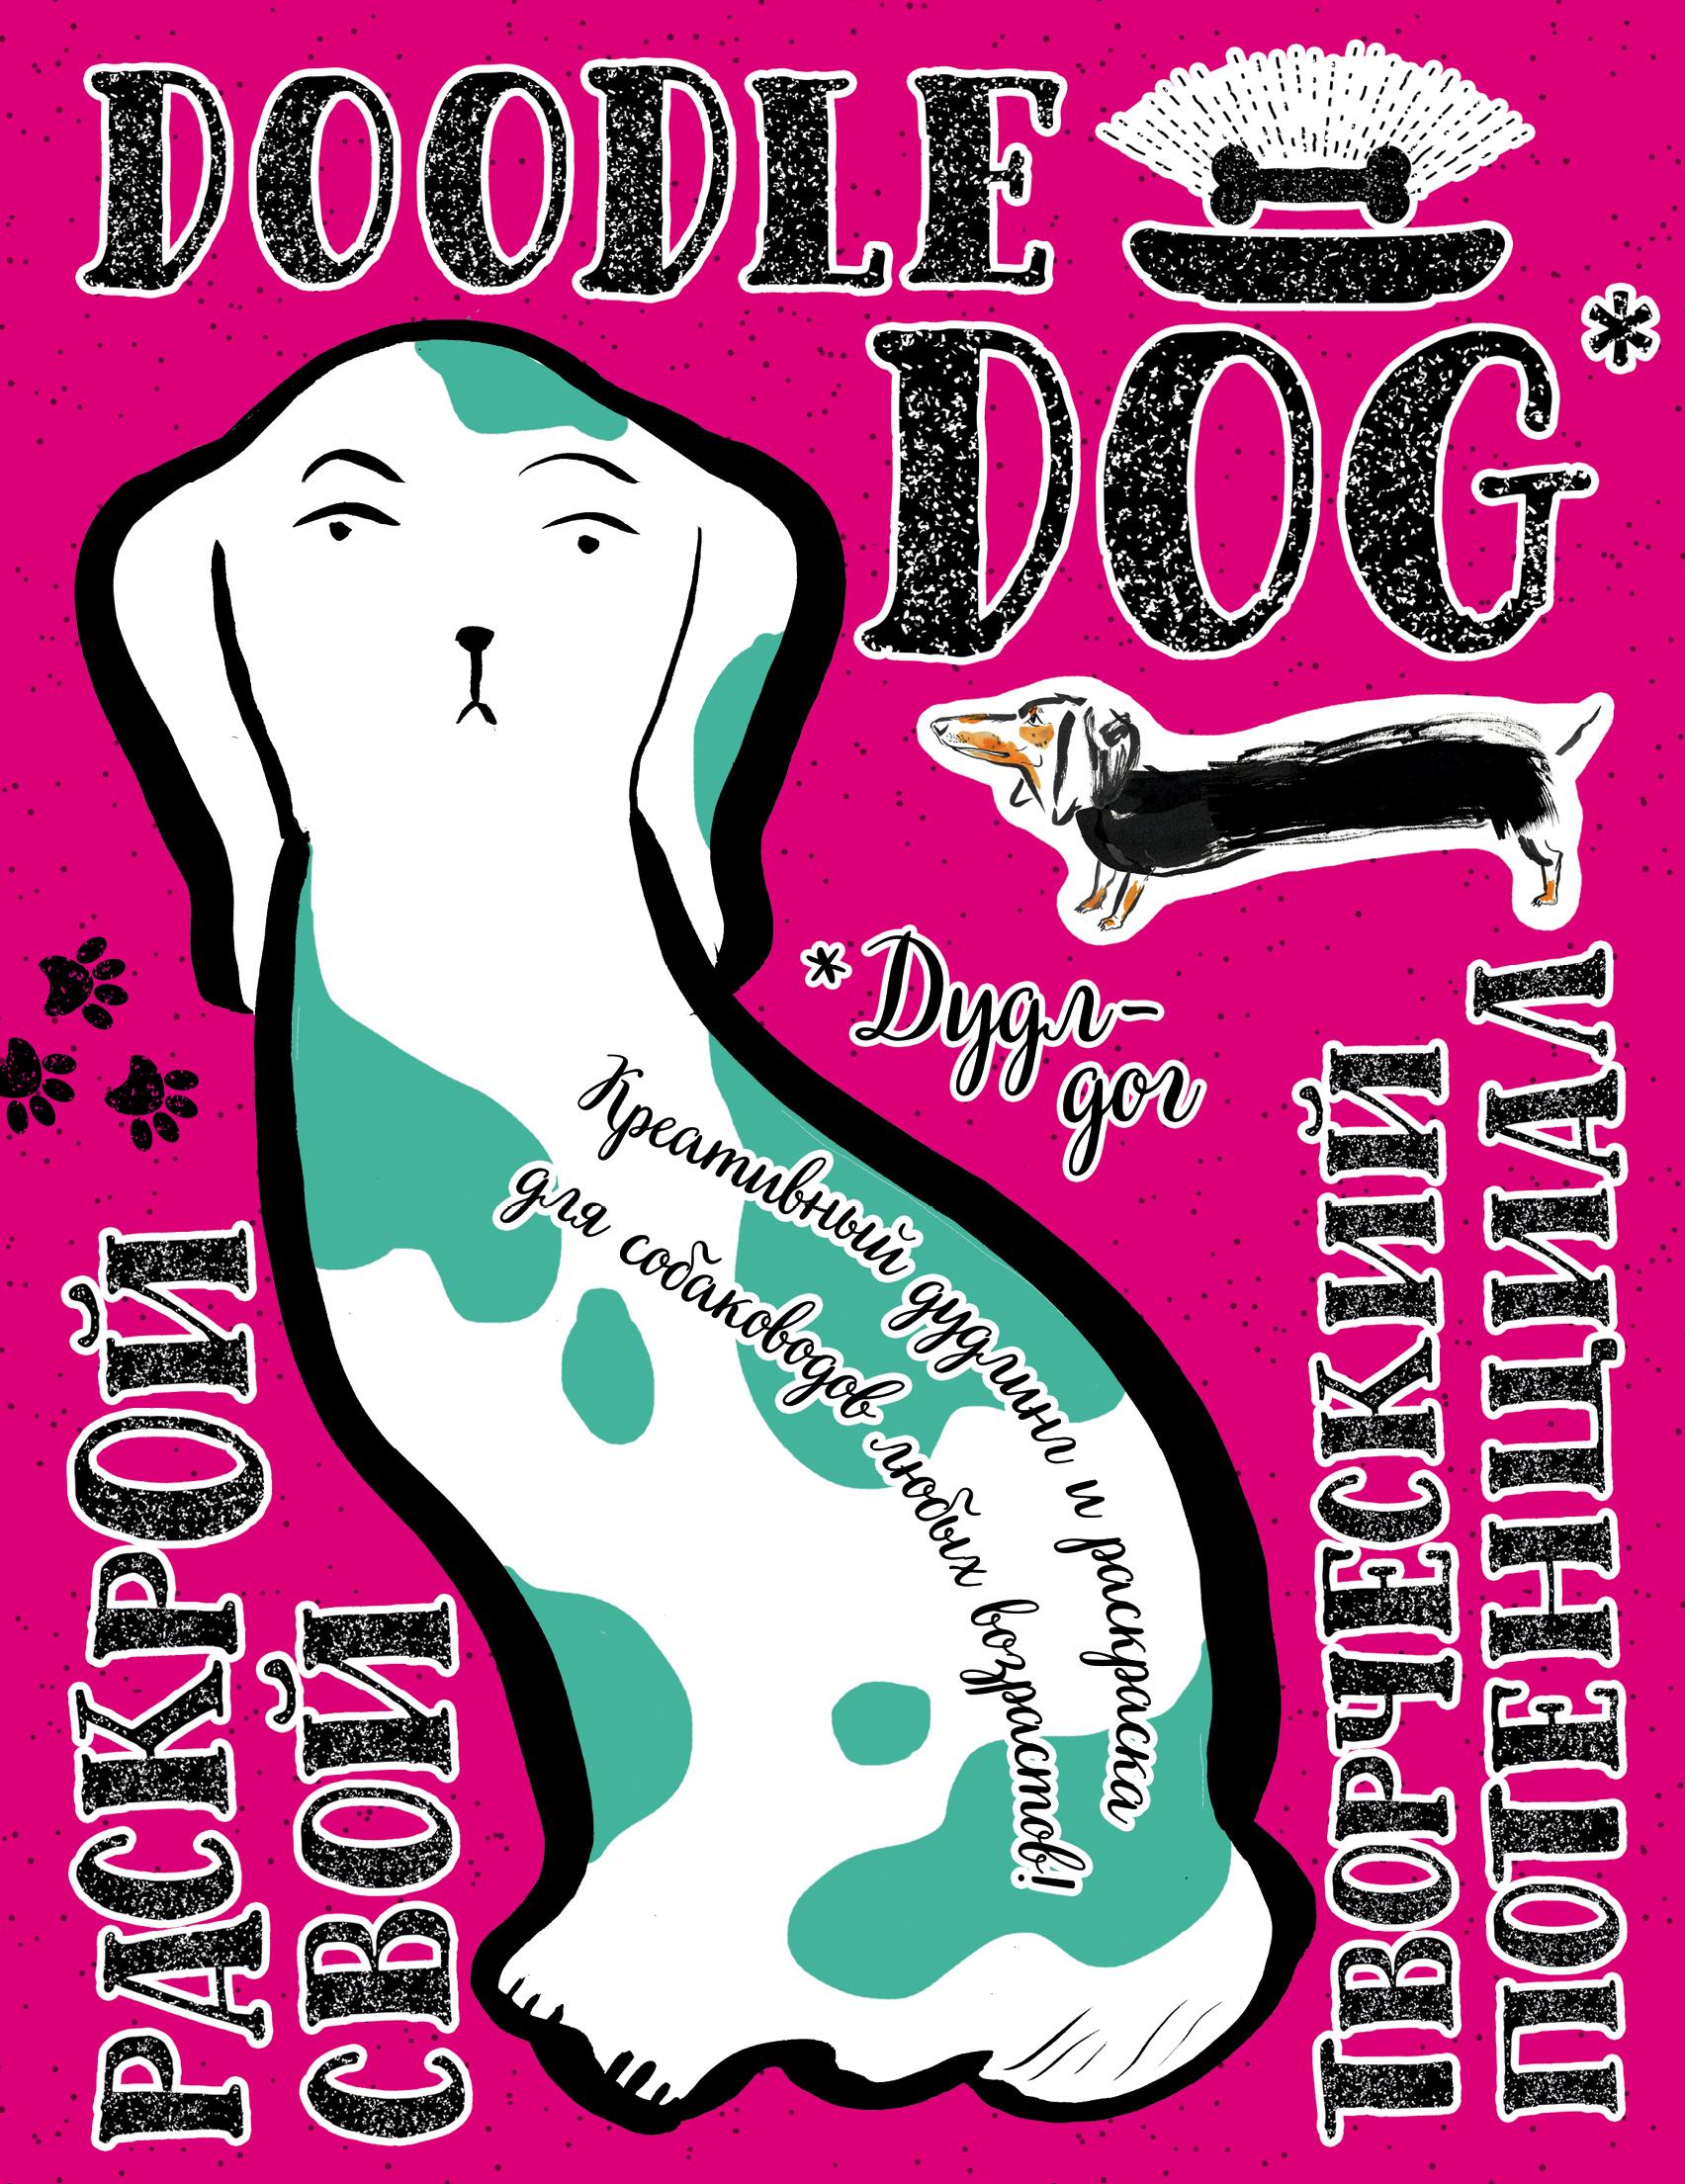 дудл дог креативный дудлинг и раскраска для любителей собак всех возрастов